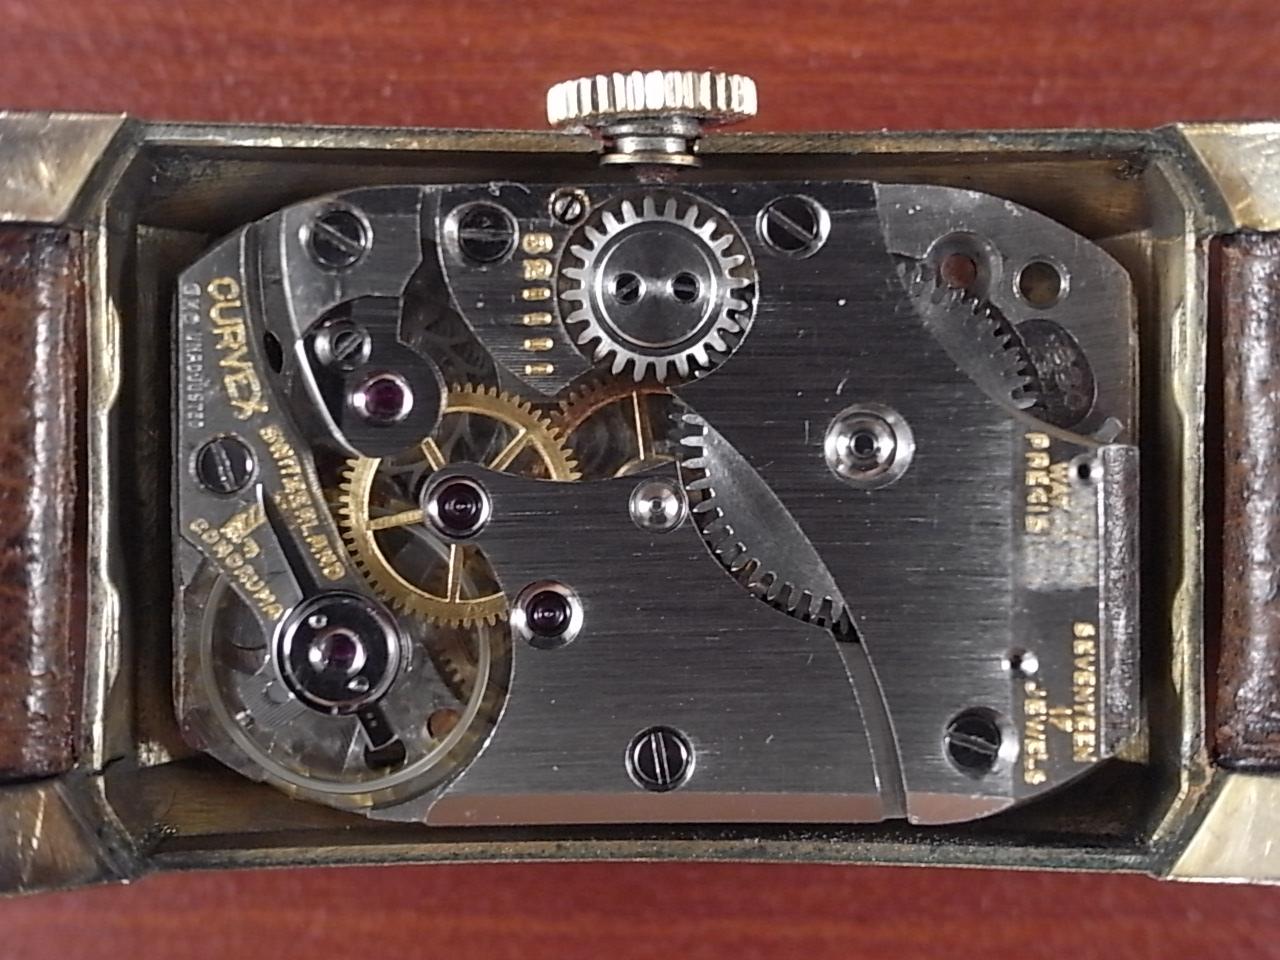 グリュエン カーベックス 14KYGF ブレゲ数字 2トーンダイアル 1930年代の写真3枚目